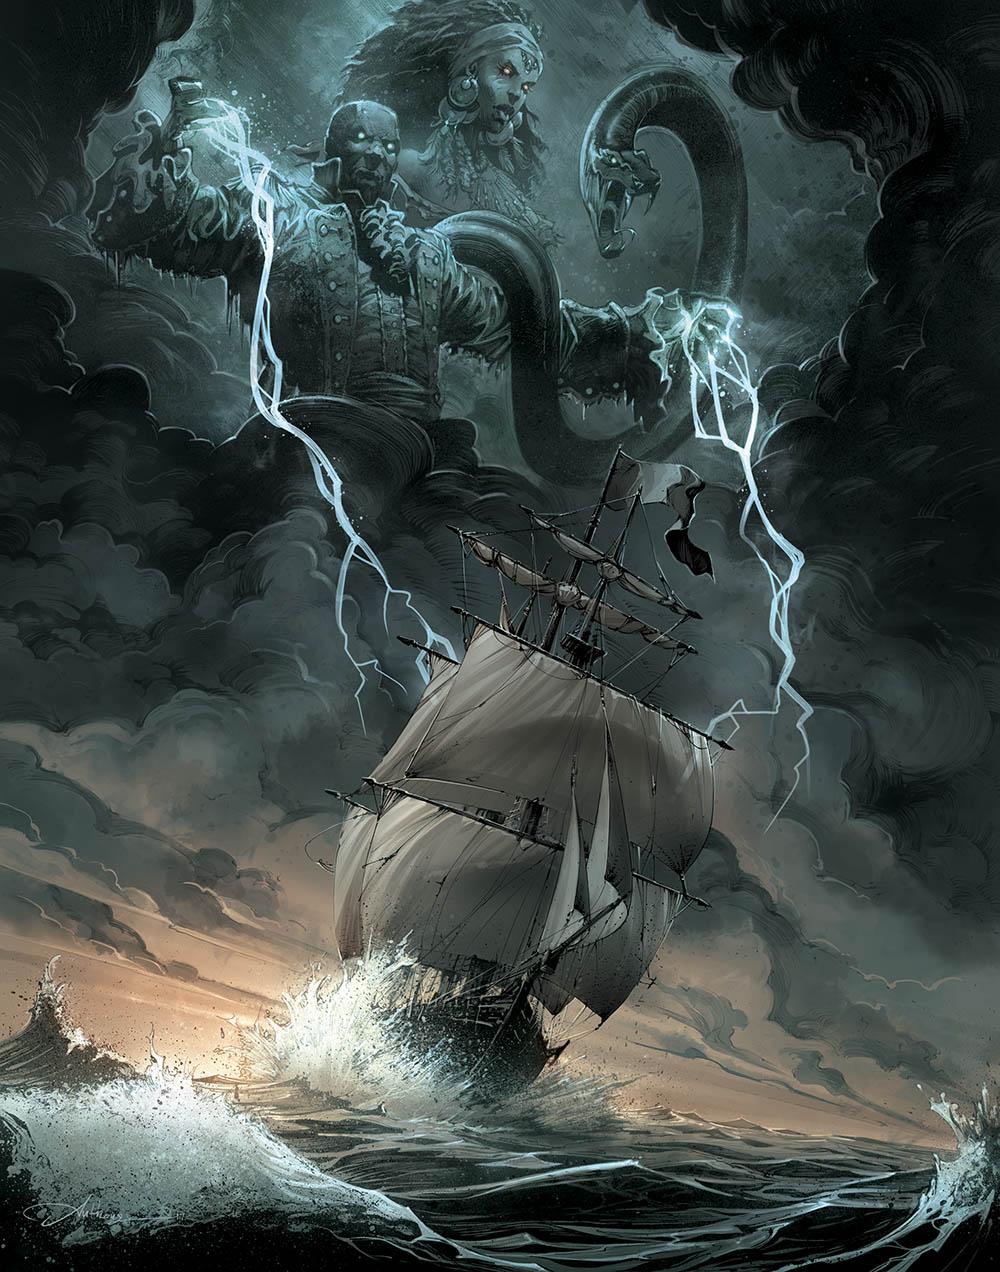 Esprits loas et pirates en mer dans Capitaine Vaudou